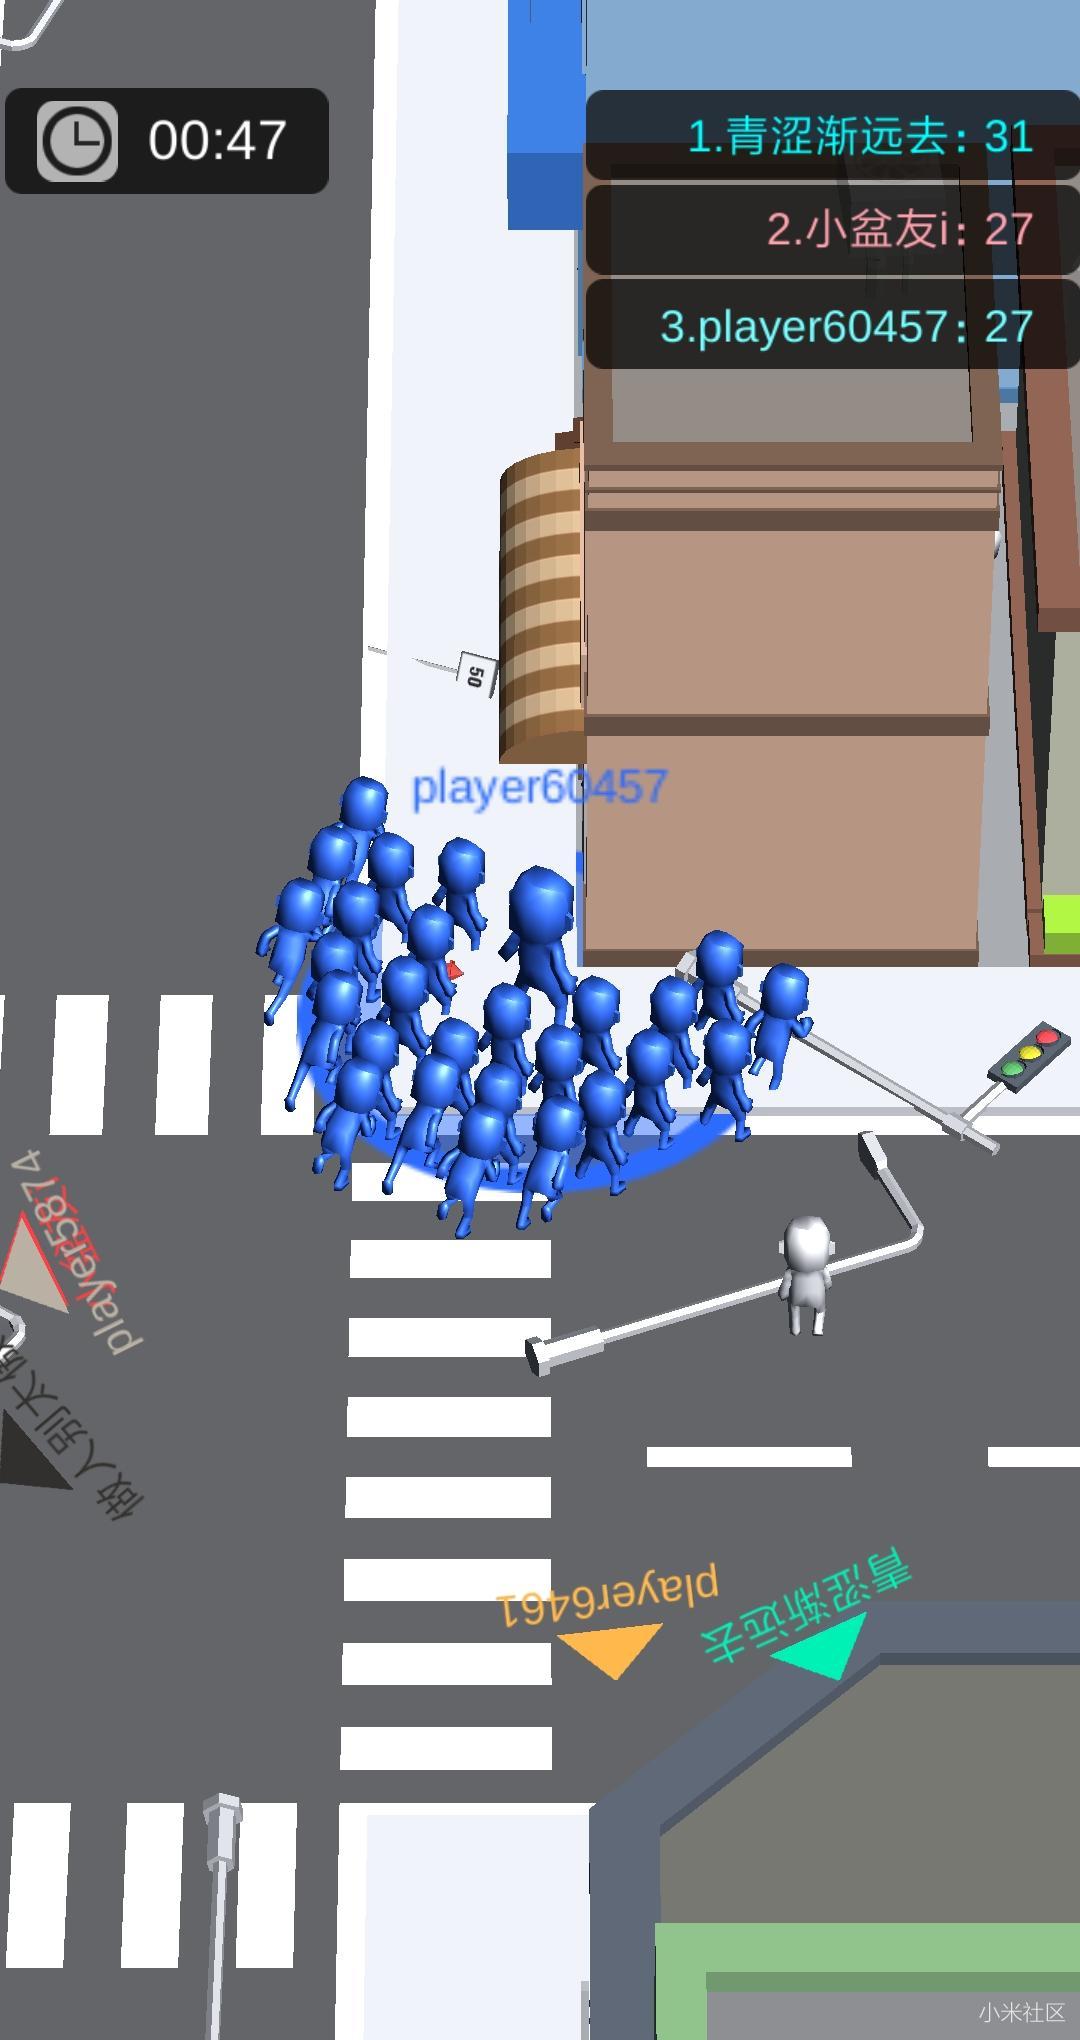 『拥挤城市』| 又一魔性小游戏登上榜首啦 你不想知道